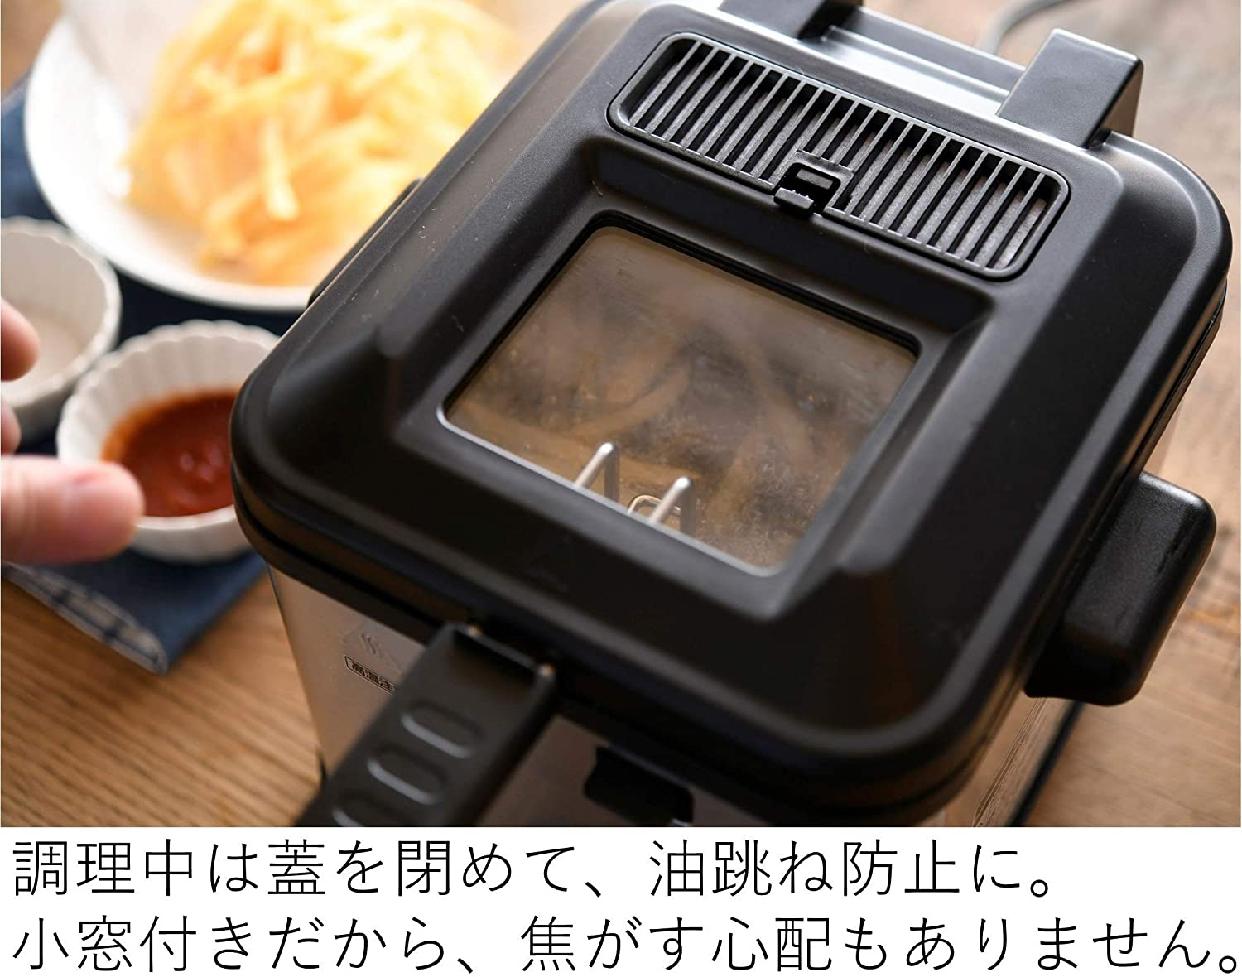 山善(YAMAZEN) 電気フライヤー  揚げ物の達人 YAD-F800(S)の商品画像5